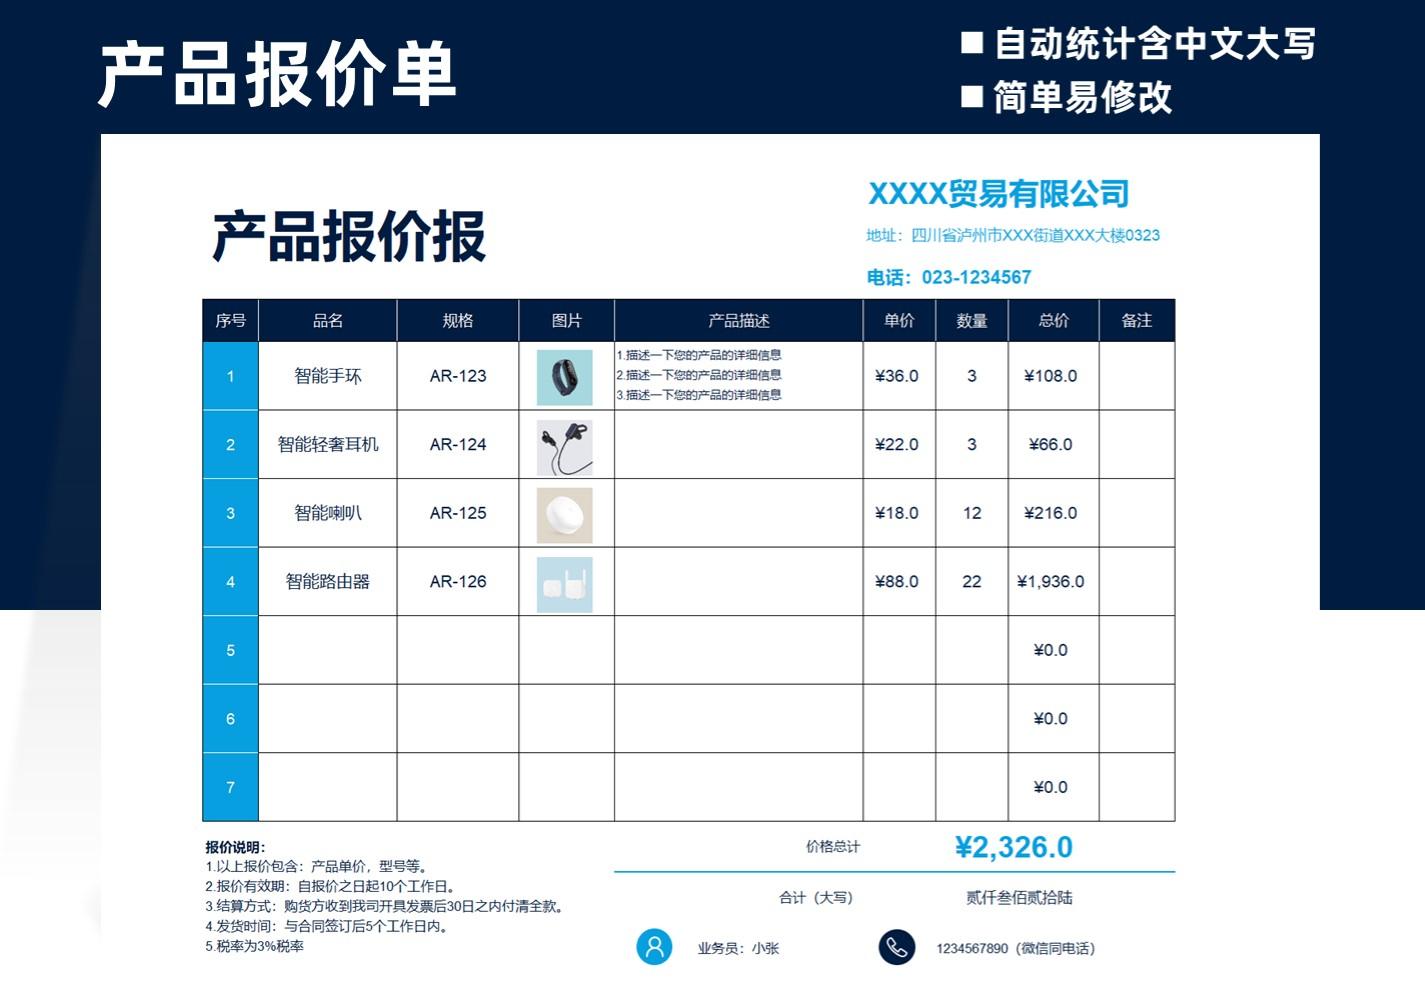 产品图文报价单(自动计算).xlsx